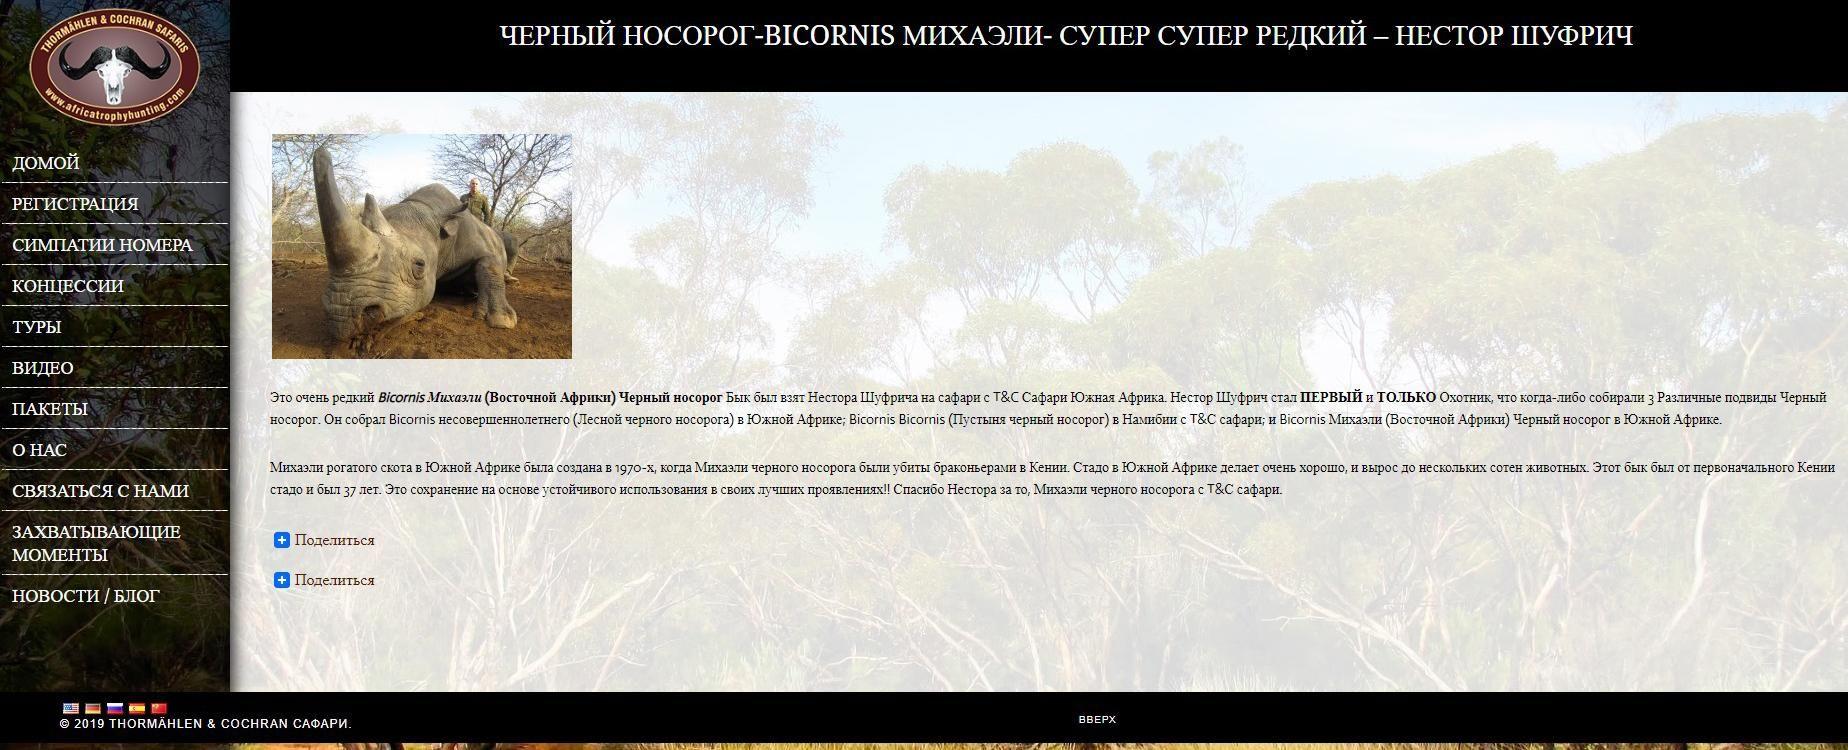 Шуфрич вбиті тварини фото сафарі носоріг